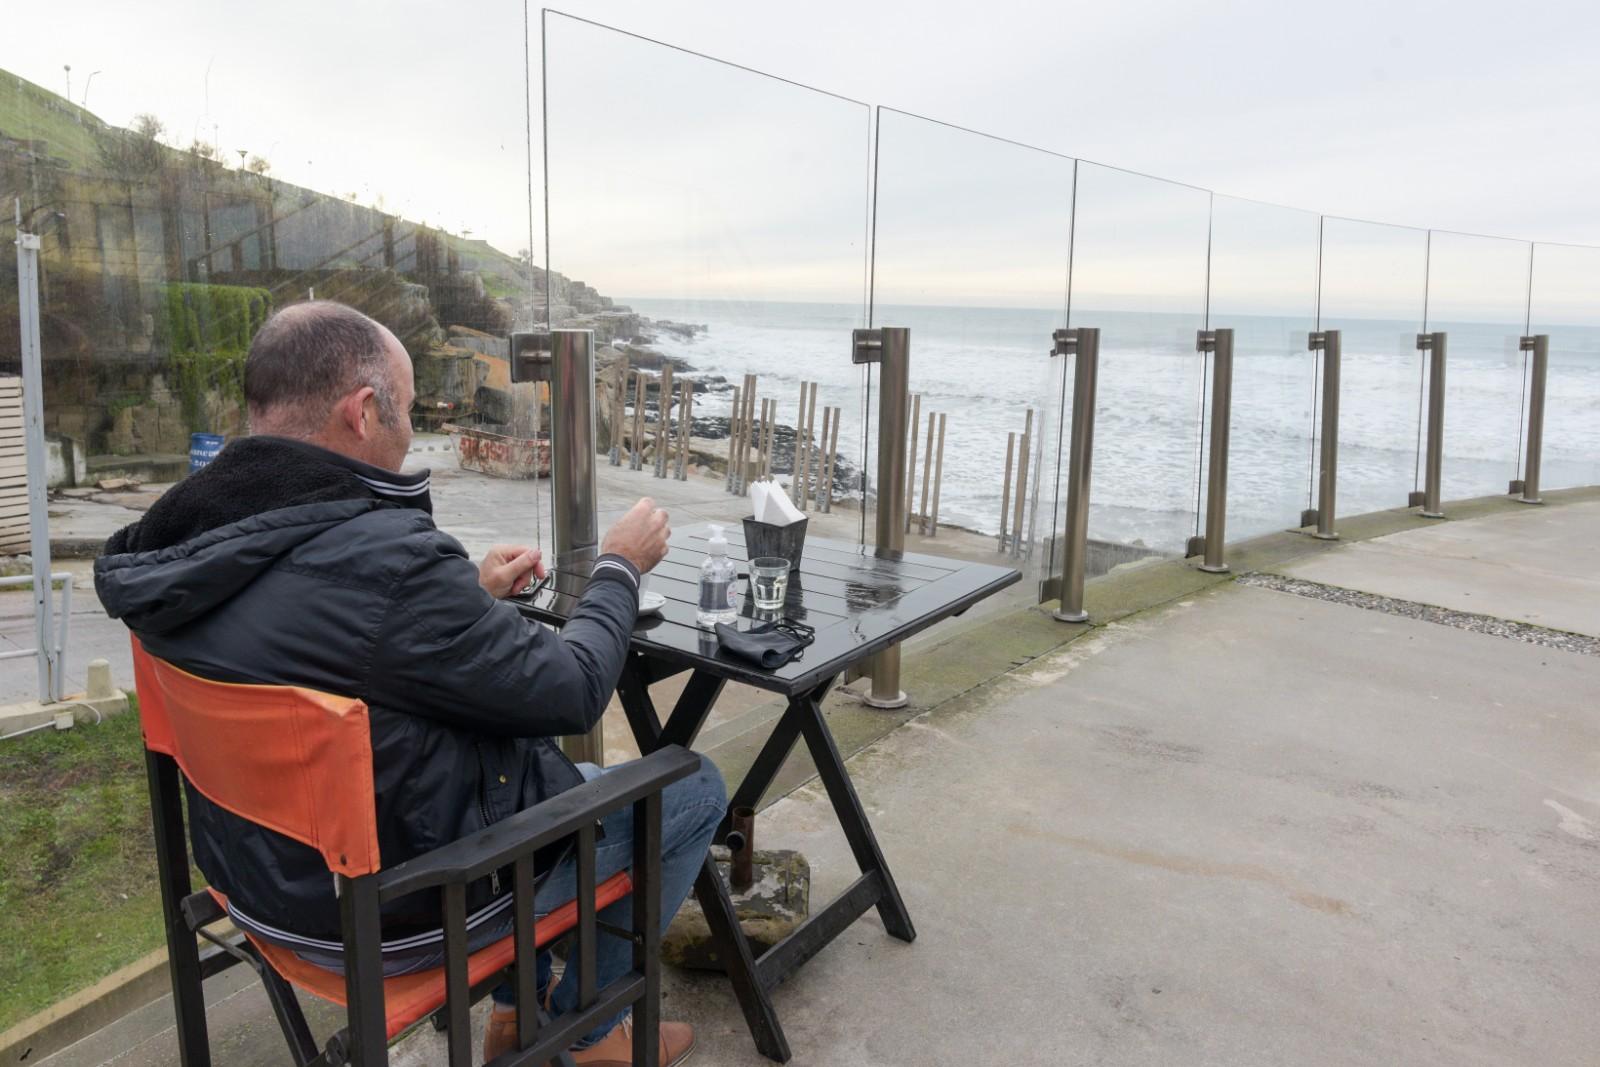 Las ganas de tomar un cafecito en un bar pudo más que el frío de la costa. Una mesa frente al mar, el mejor programa del viernes en Mardel.